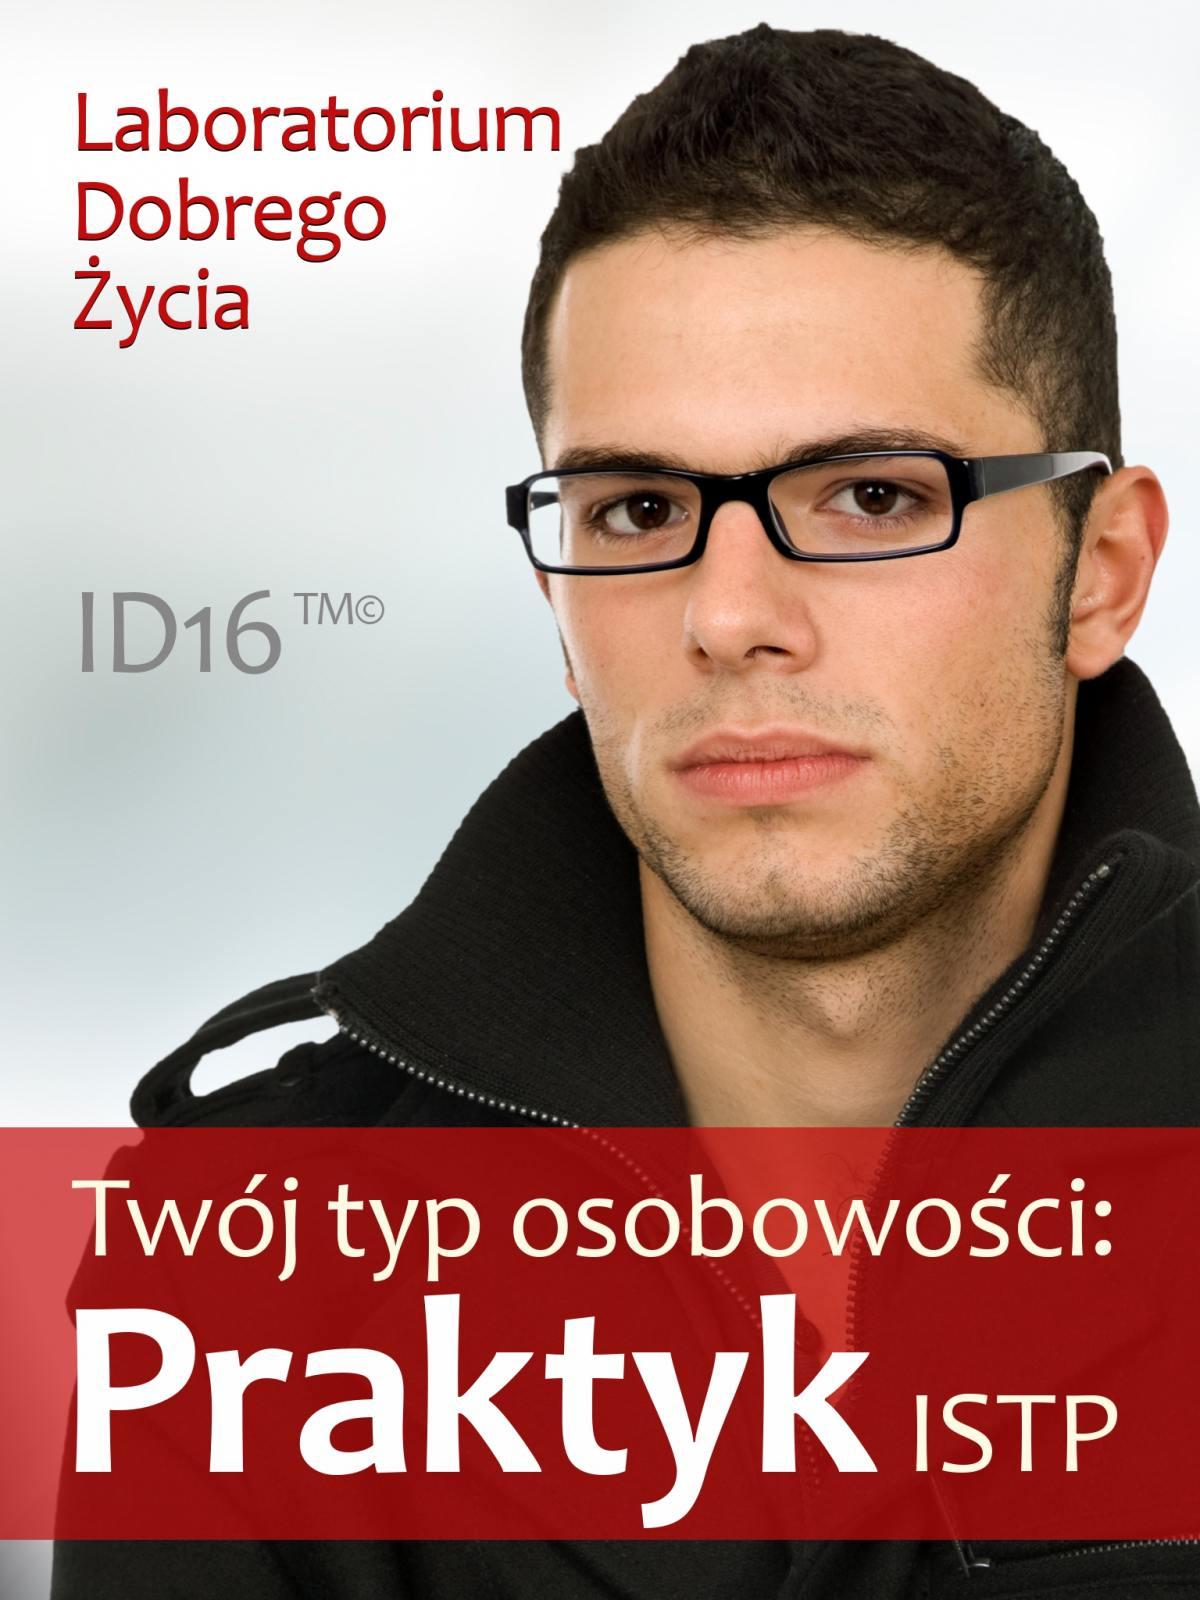 Twój typ osobowości: Praktyk (ISTP) - Ebook (Książka na Kindle) do pobrania w formacie MOBI